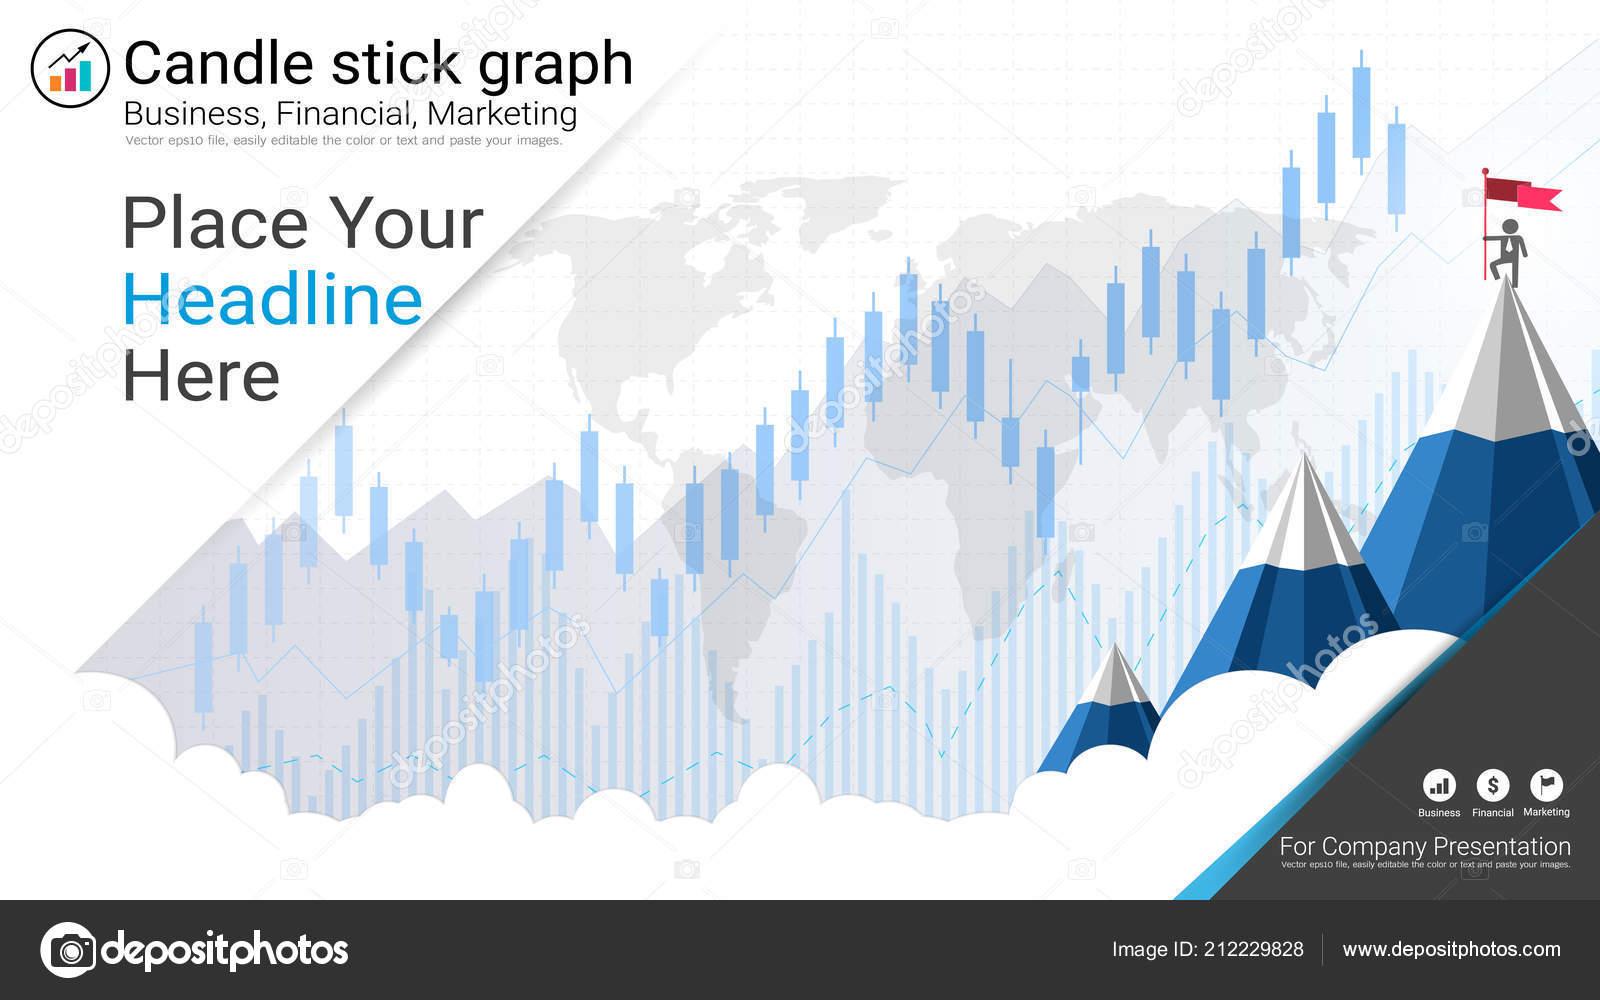 Инвесторы для торговли на форекс форум стратегии бинарных опционов 60 секунд